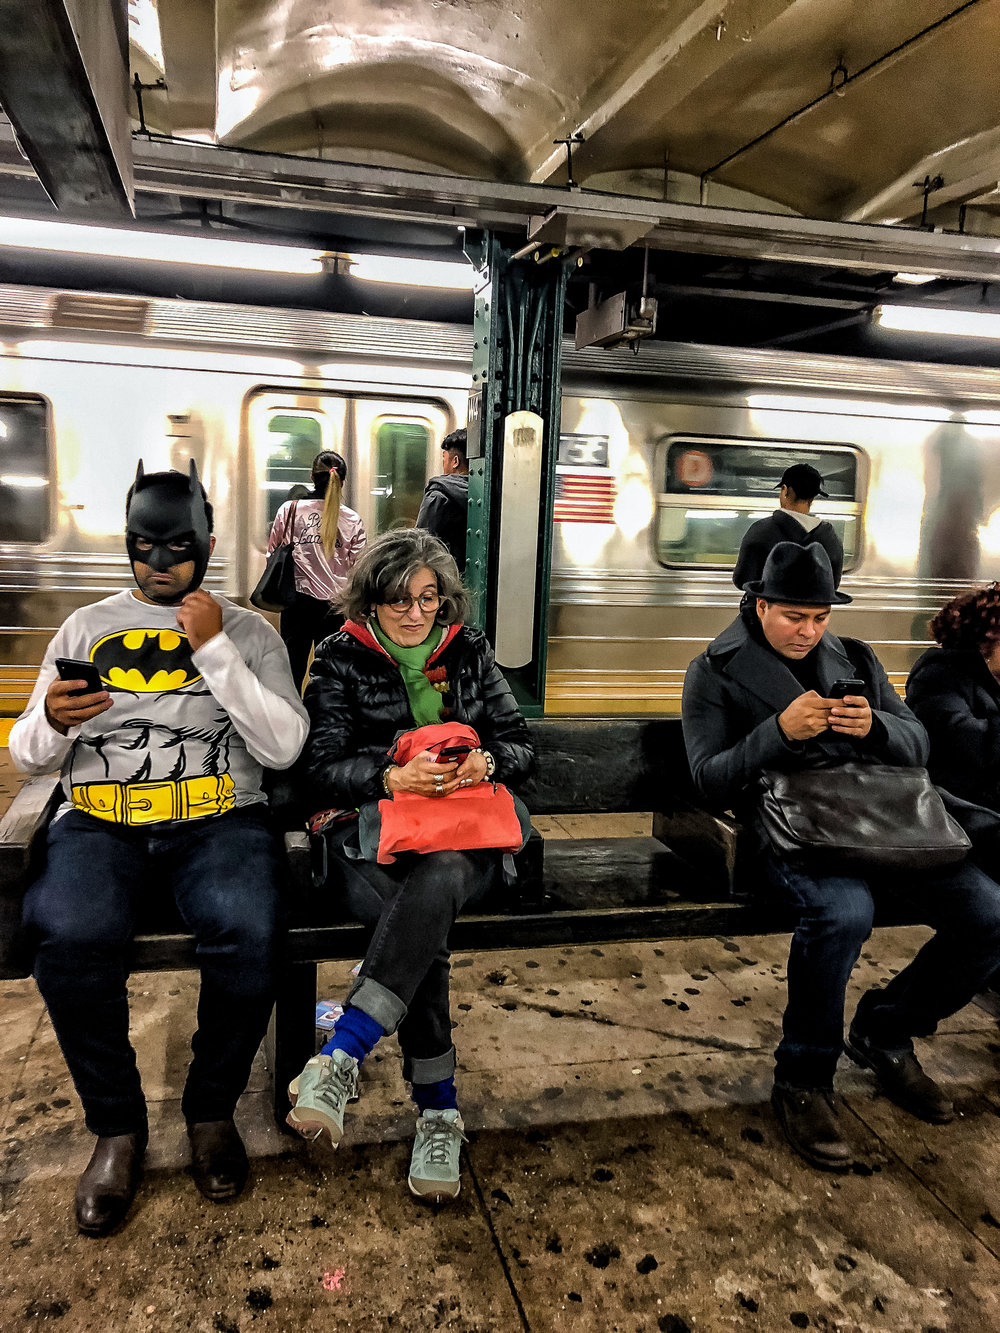 SubwayHalloween-13.jpg